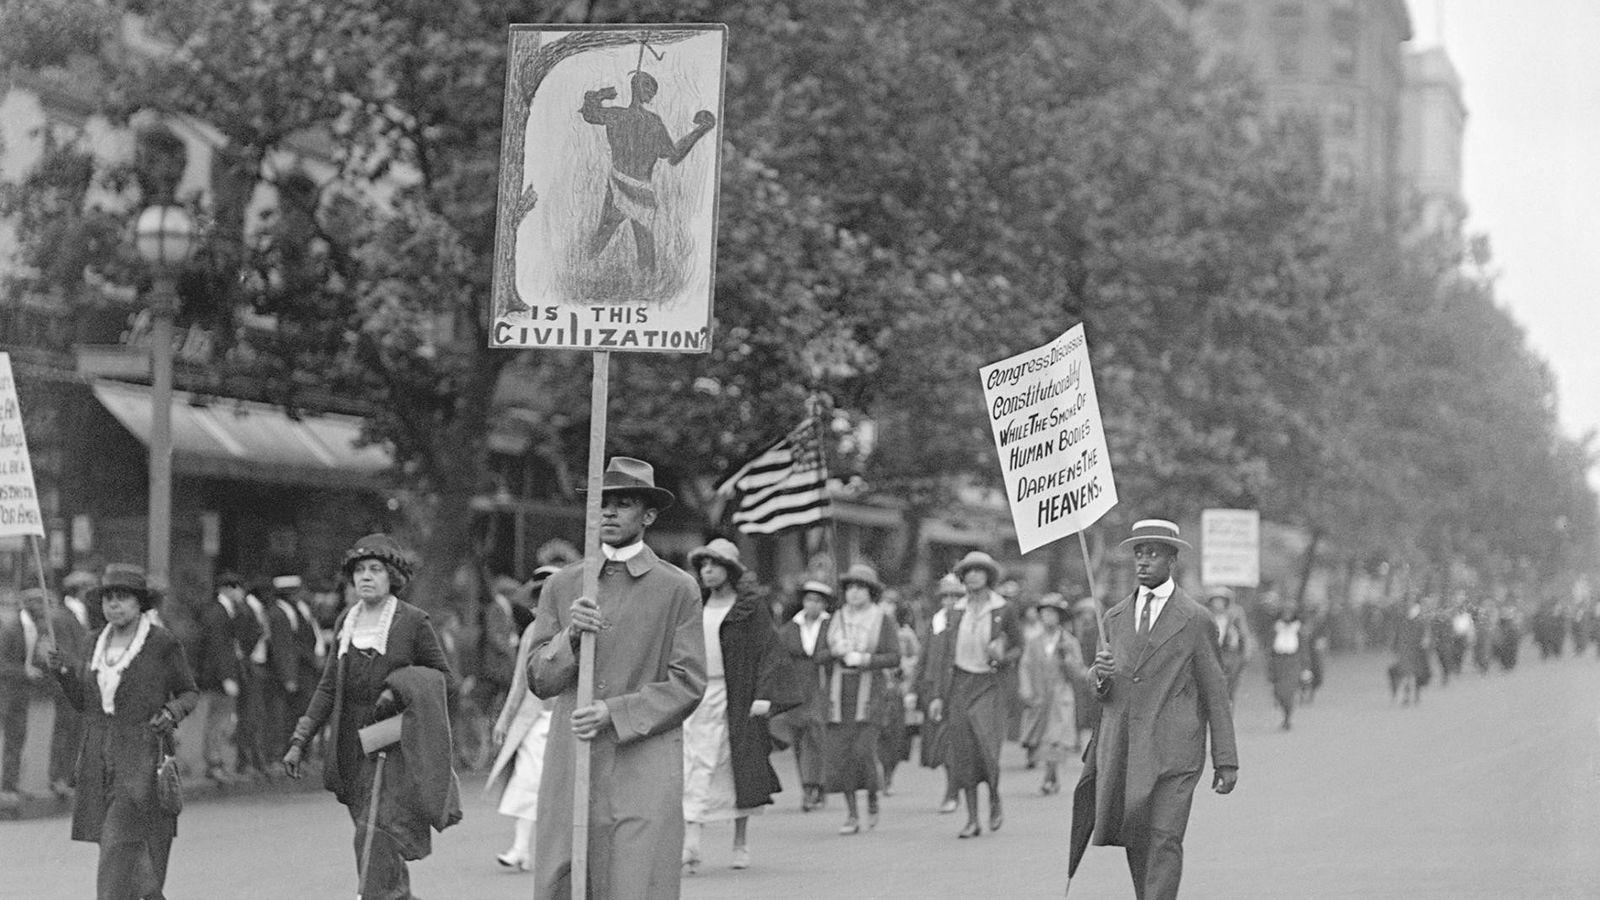 Am 24. Juni 1922 marschierten mehr als 3.000 Schwarze in einem stummen Protest durch die Straßen ...